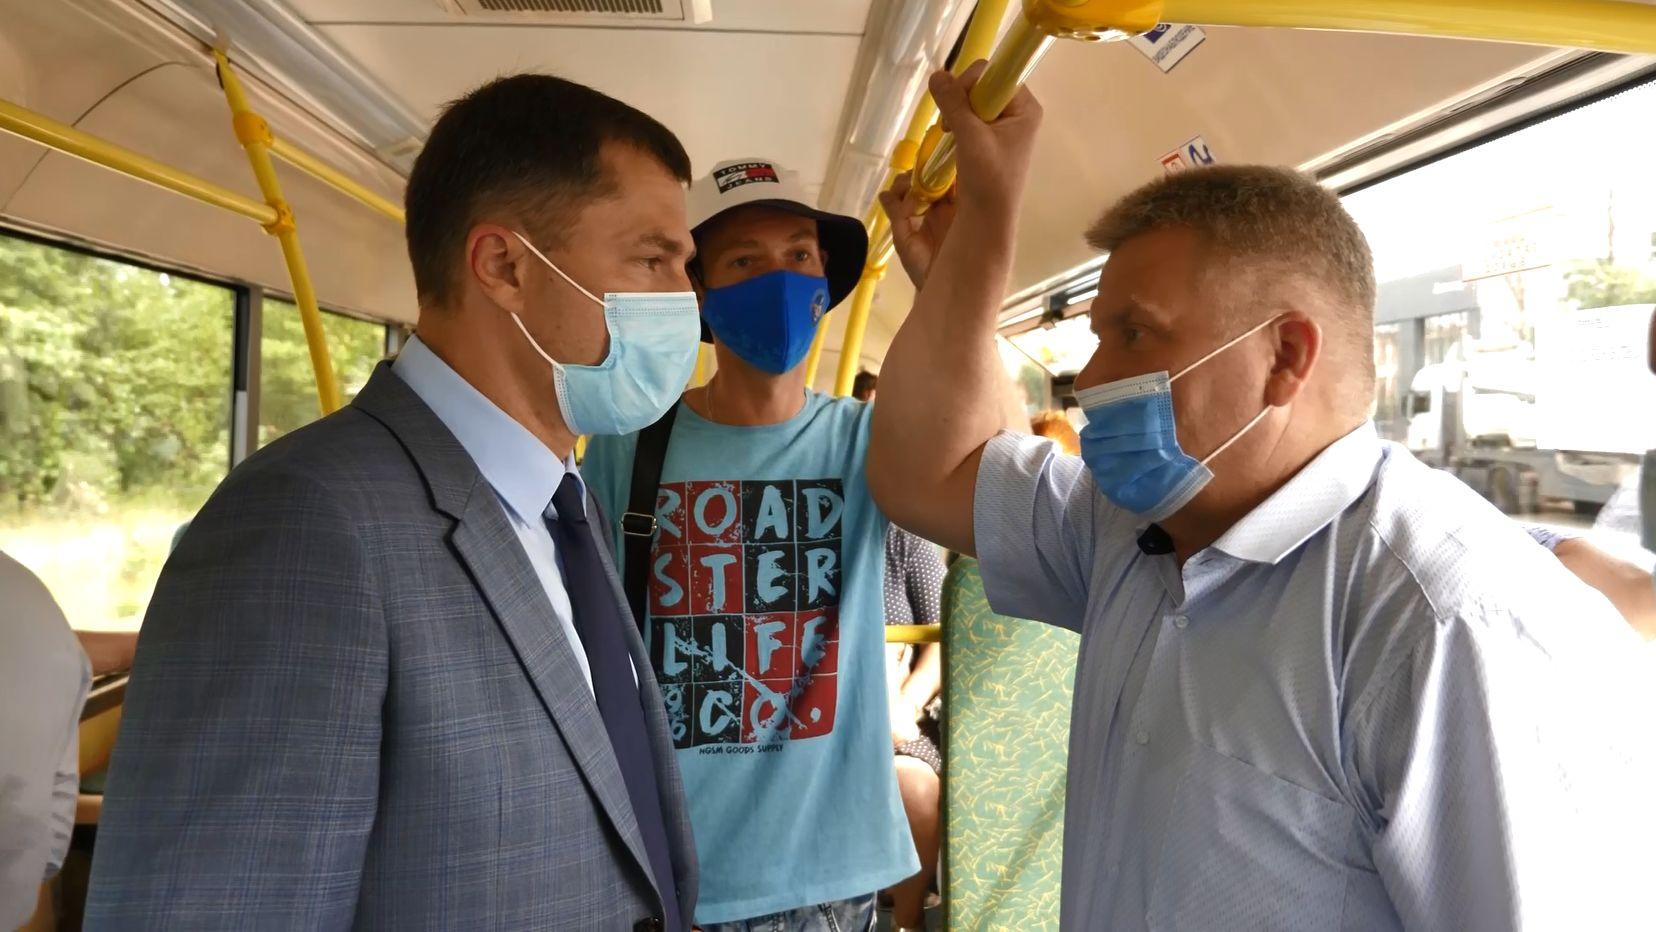 Мэр Ярославля прокатился по новому маршруту и пообщался с жителями